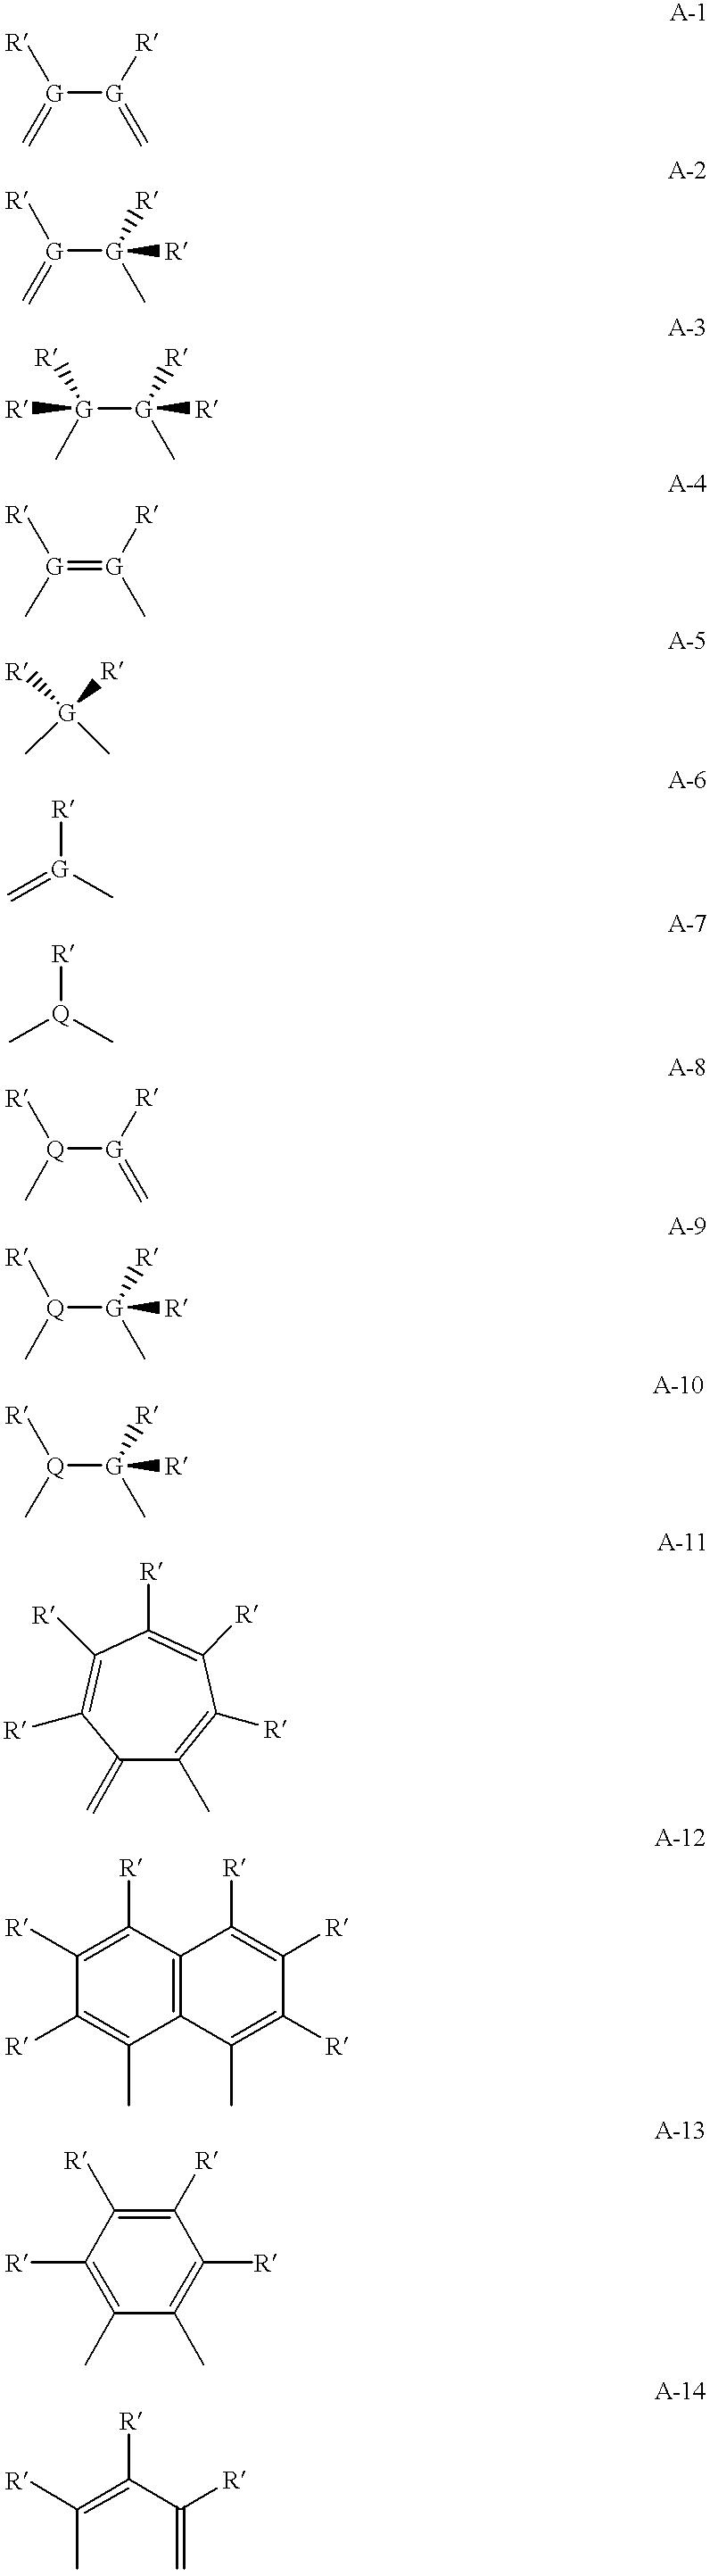 Figure US06194341-20010227-C00002